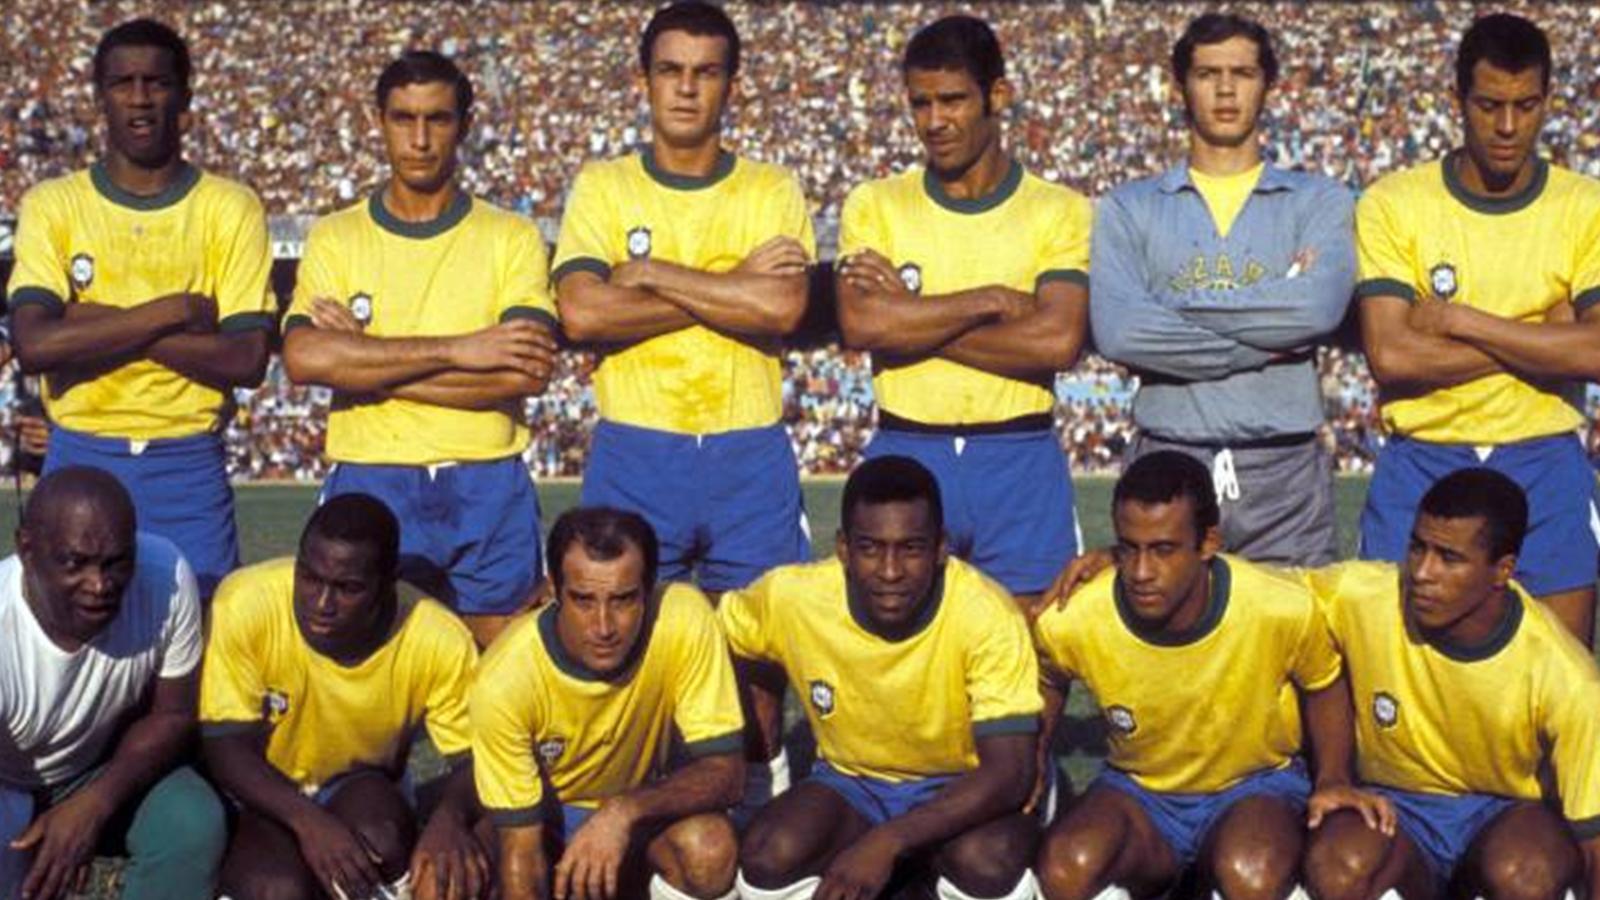 Br sil 1970 italie 1982 coupe du monde 2006 football - Equipe de france 1982 coupe du monde ...